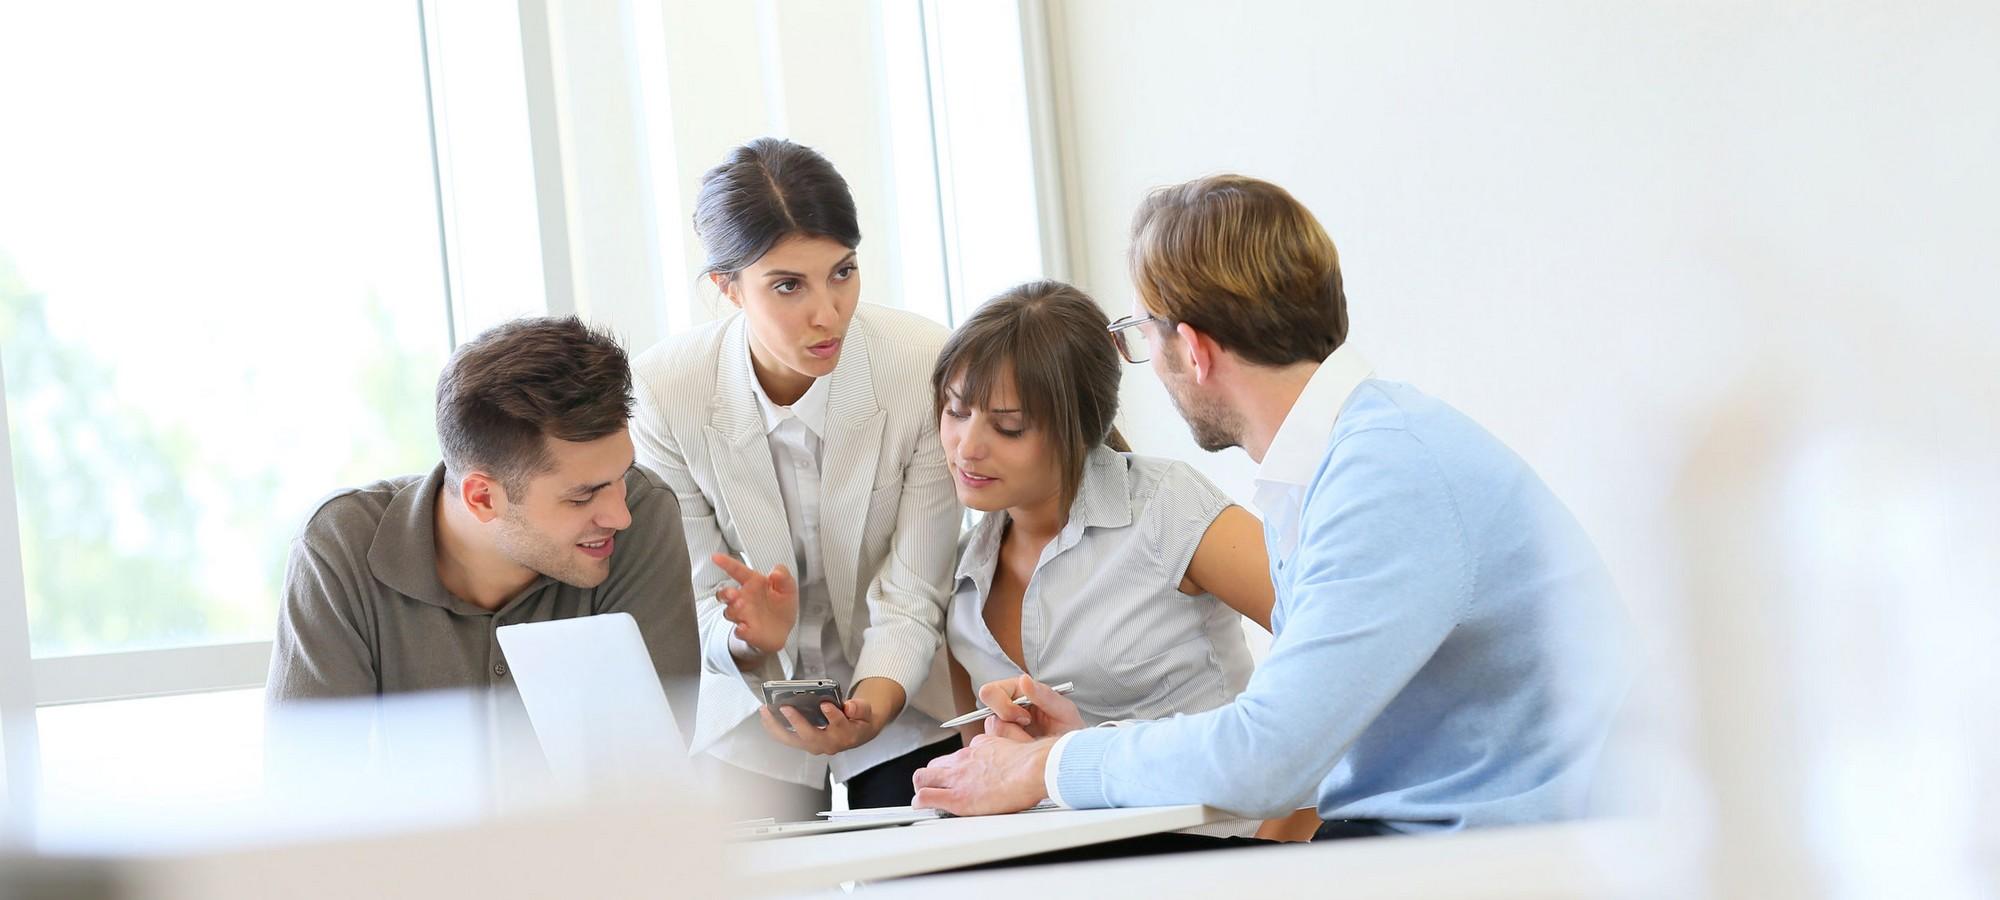 Podnikanie v rakúsku - poradca